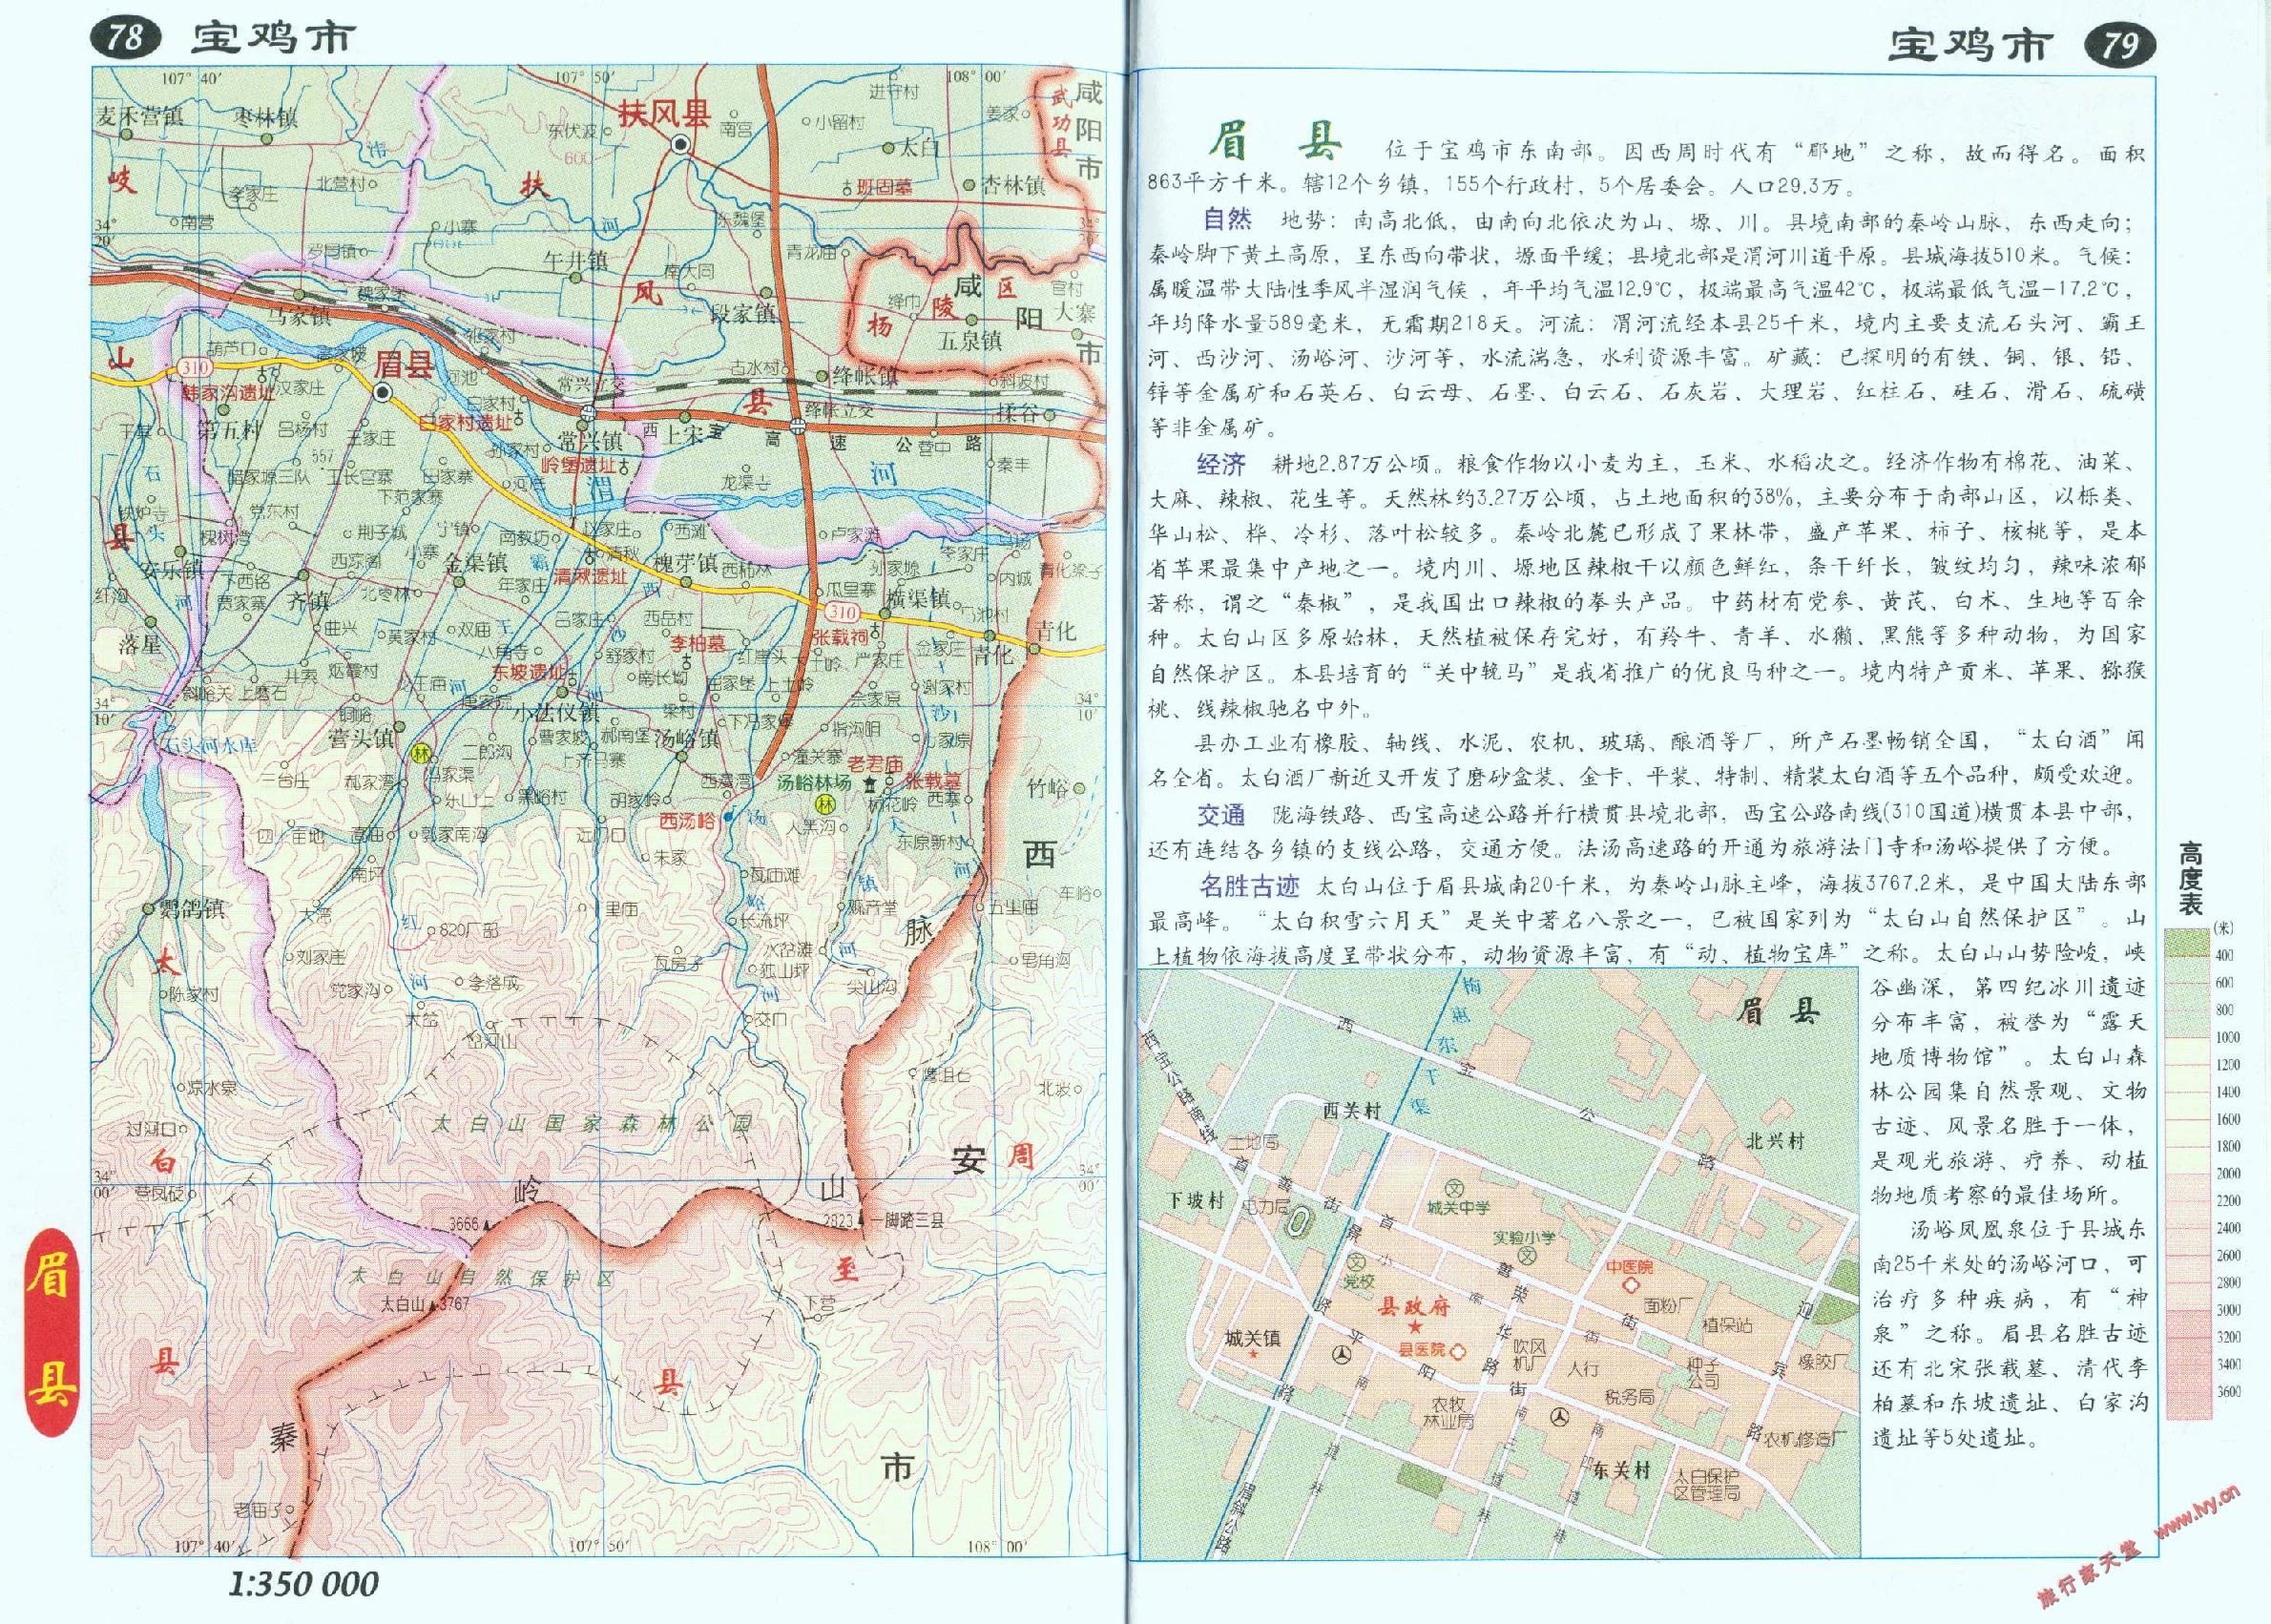 眉县地图_宝鸡地图库